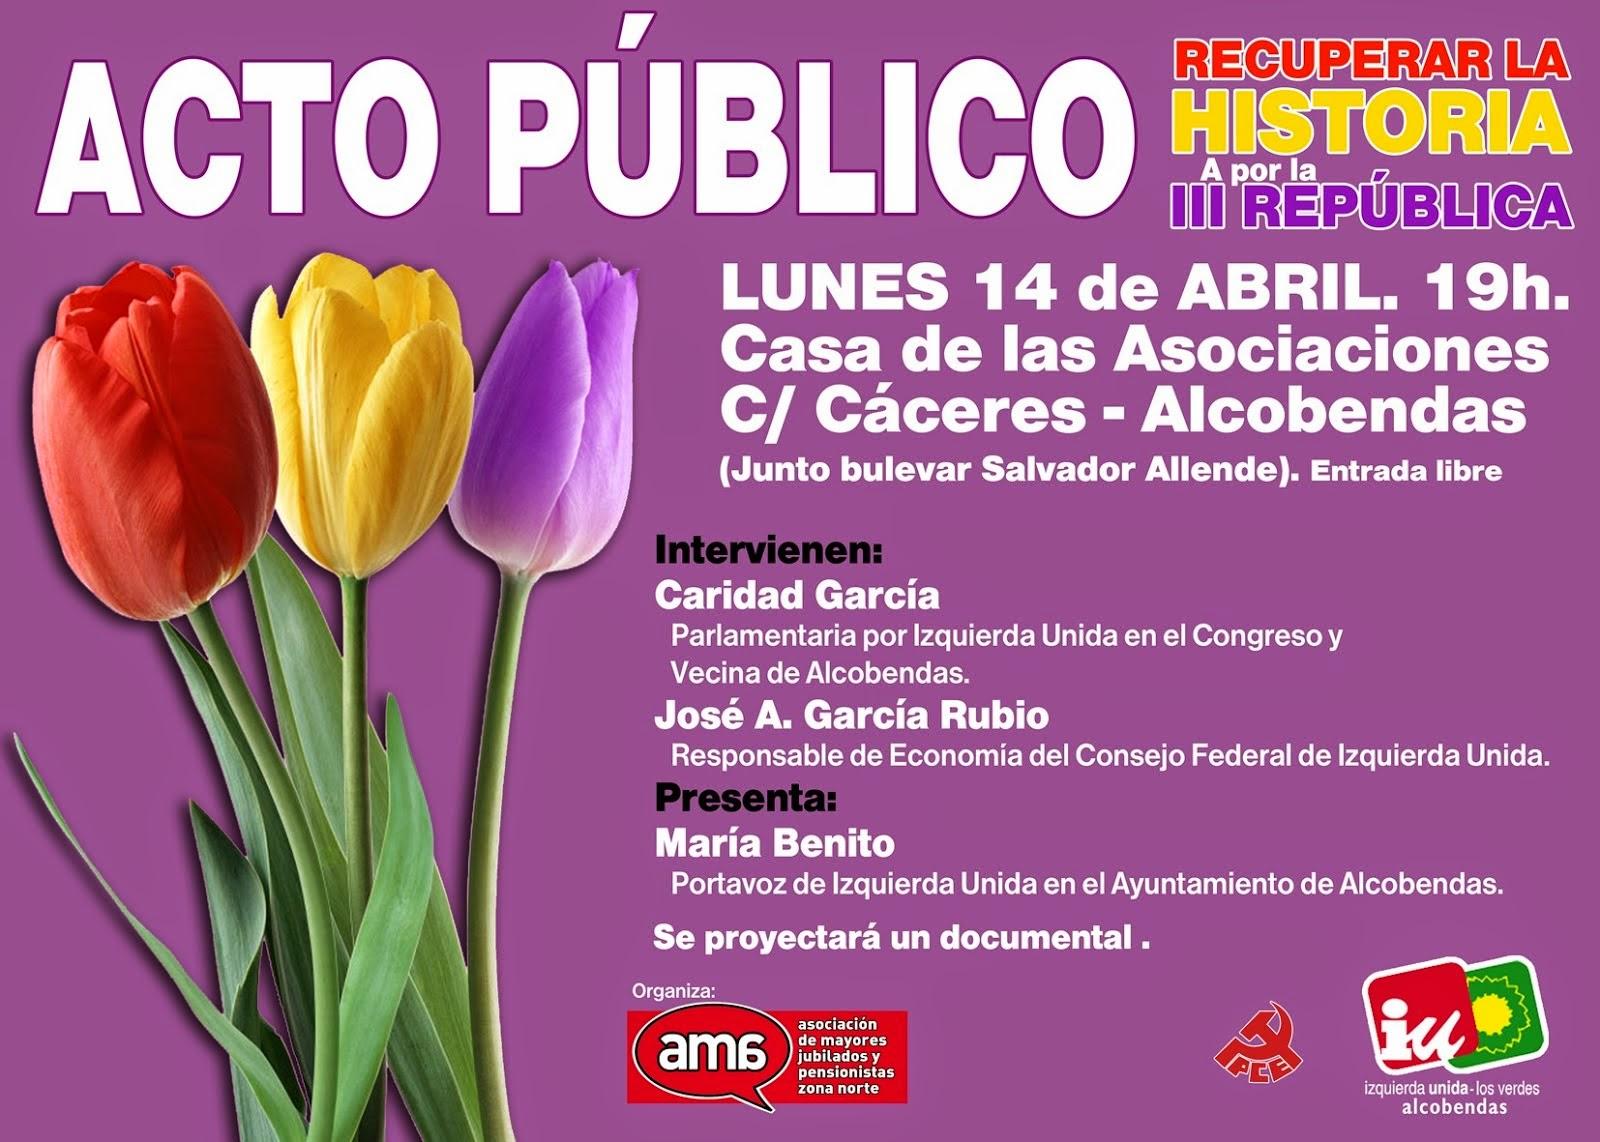 14 Abril - Día de la República